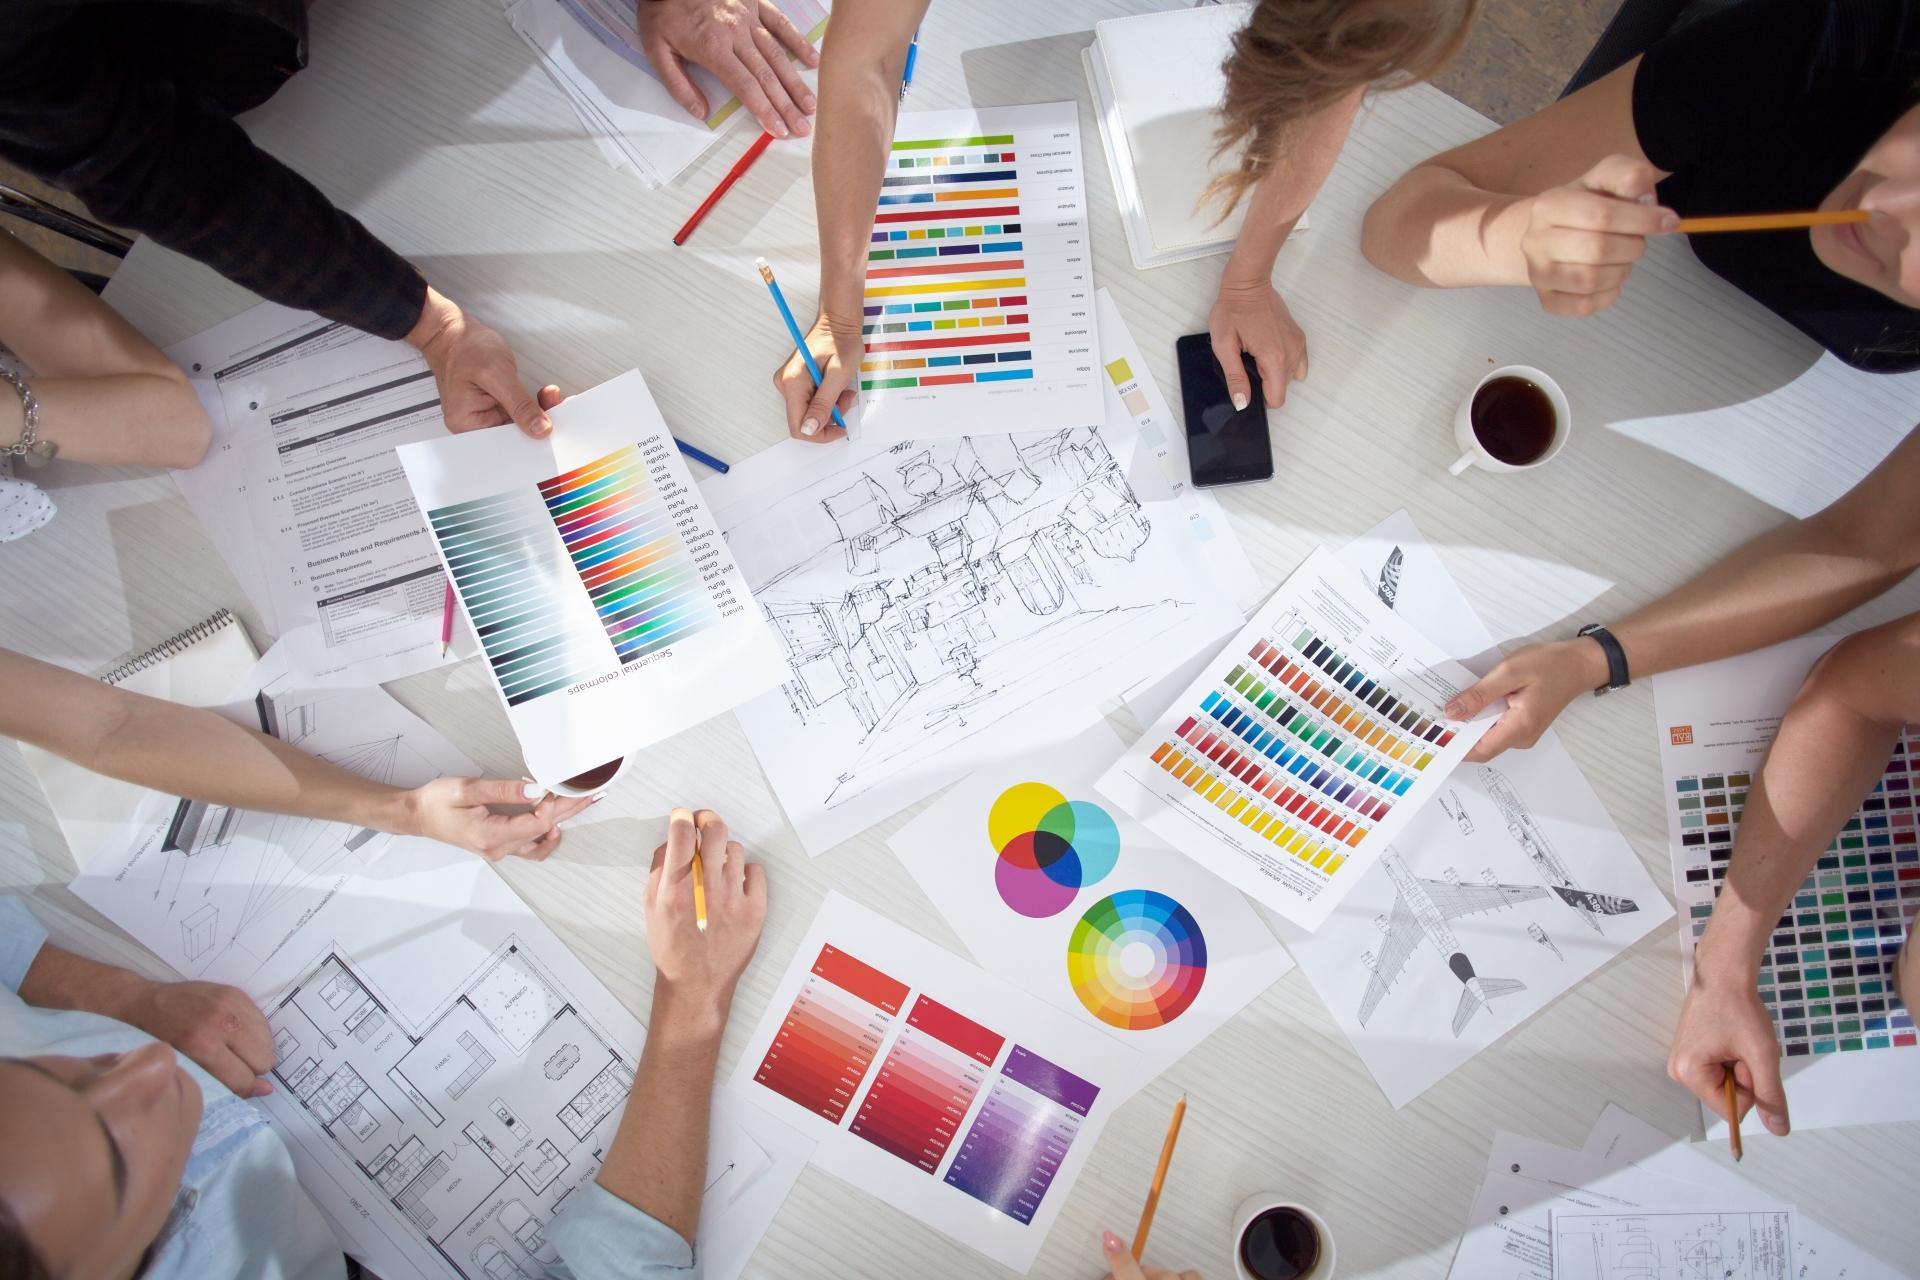 creator-team-discussion-1